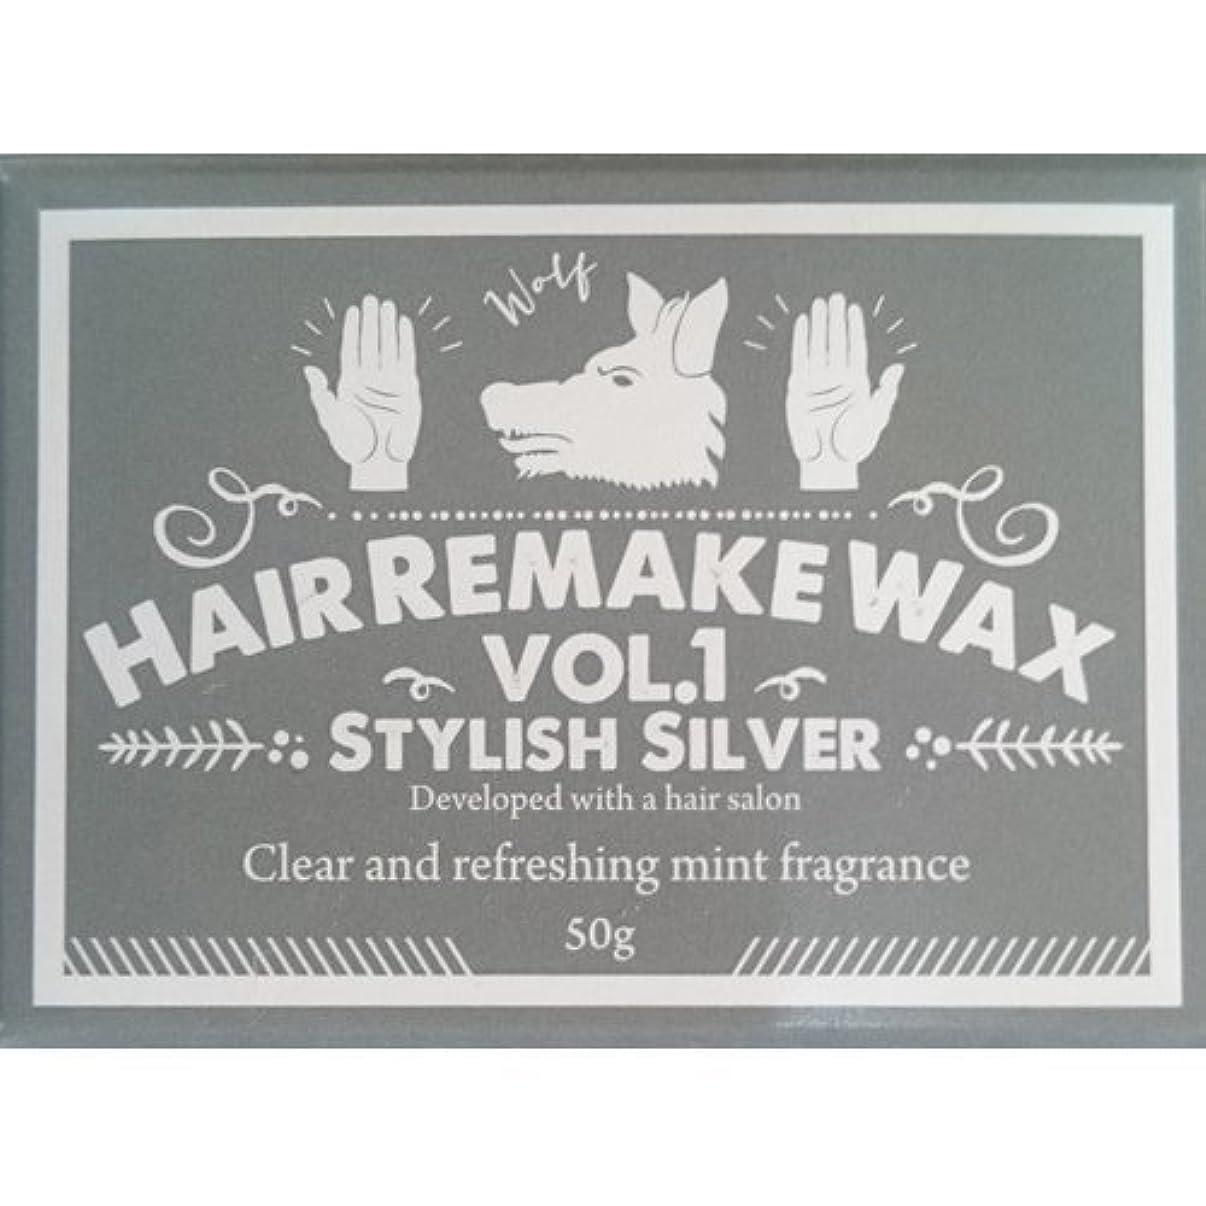 有害な見えないマウスピースパーティー 変装 銀髪用 Hair Remake(ヘアーリメイクワックス)WAX Vol.1 スタイリッシュシルバー 50g